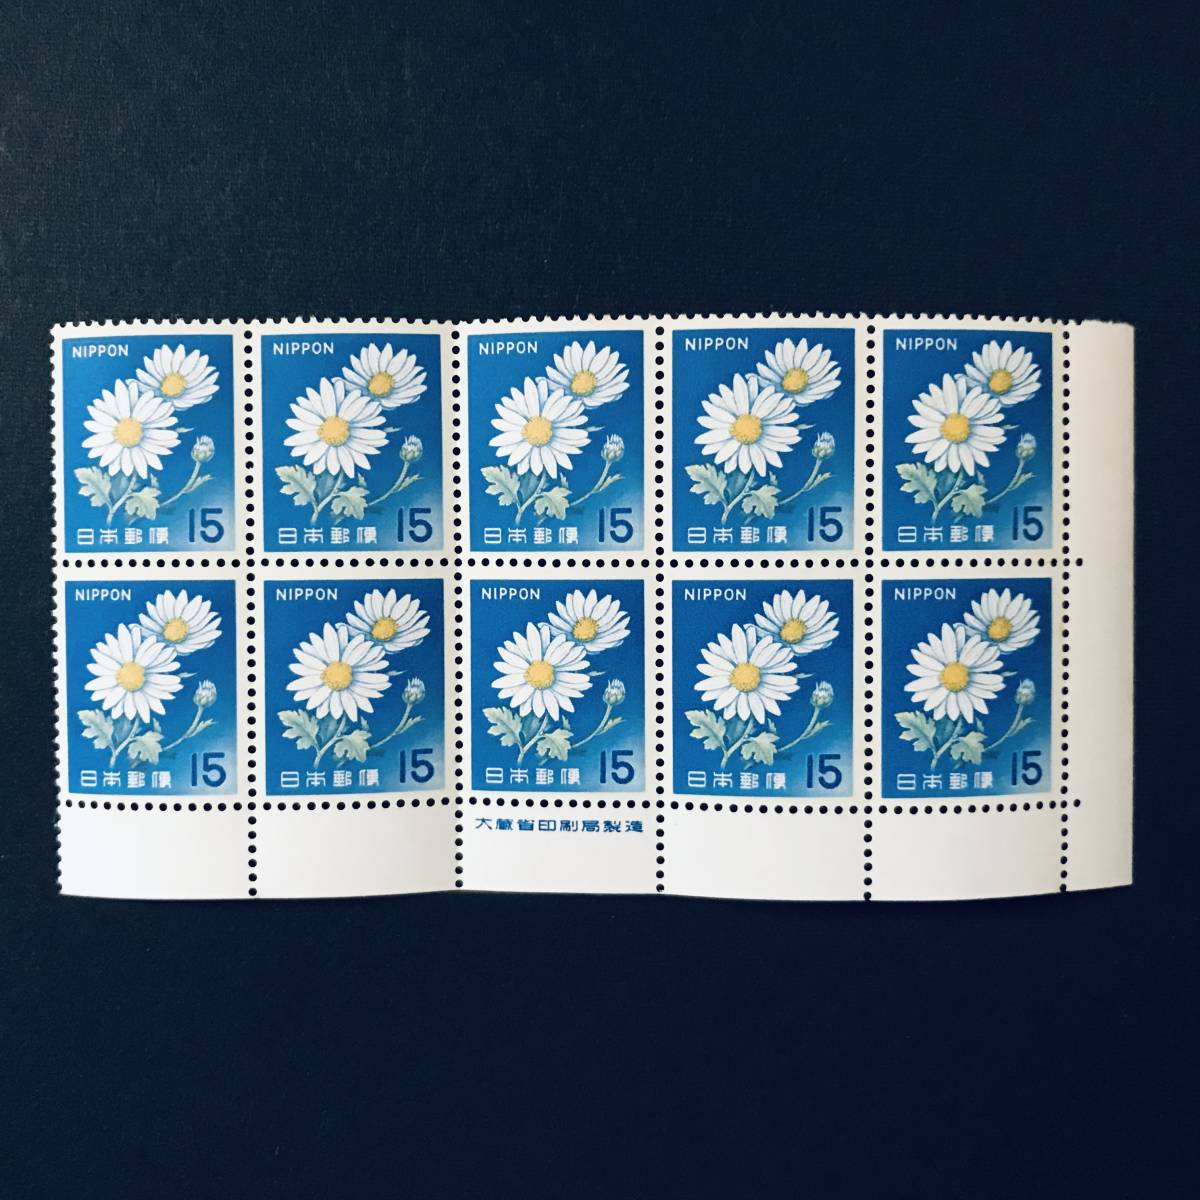 第1次ローマ字入り きく 銘板入り 15円切手x10枚 1966ー67 未使用切手